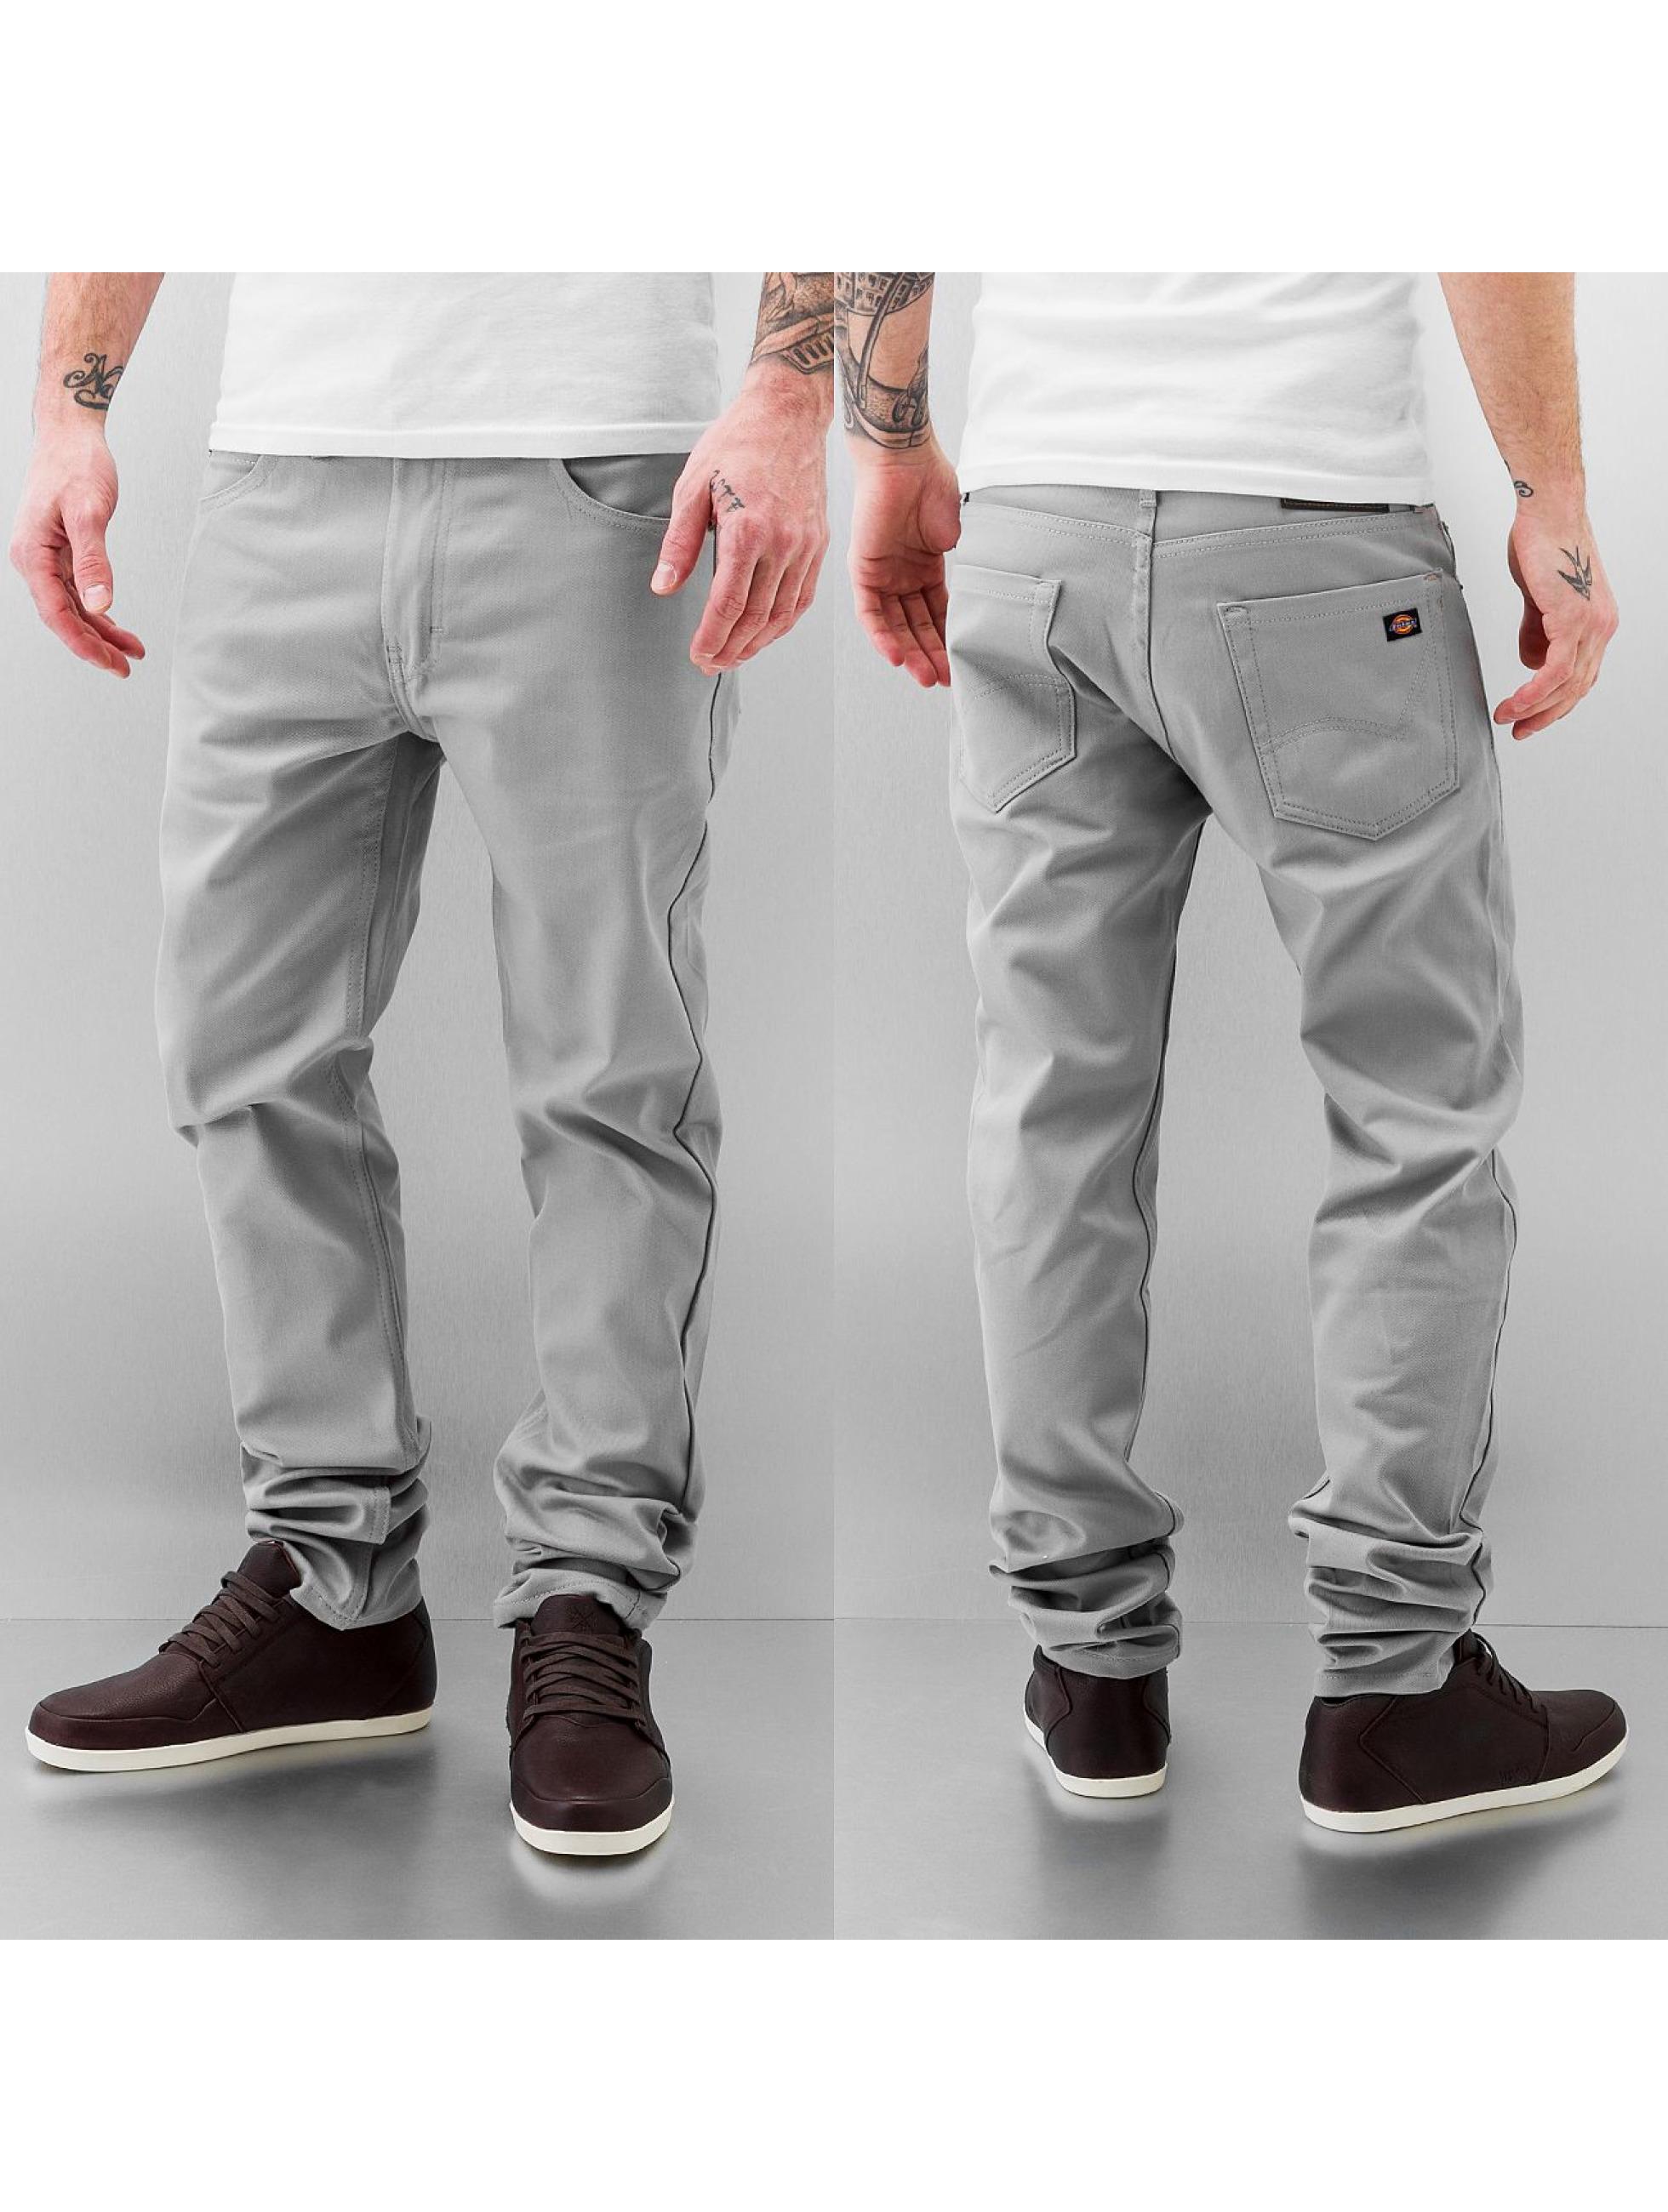 dickies herren skinny jeans slim in grau 122830. Black Bedroom Furniture Sets. Home Design Ideas